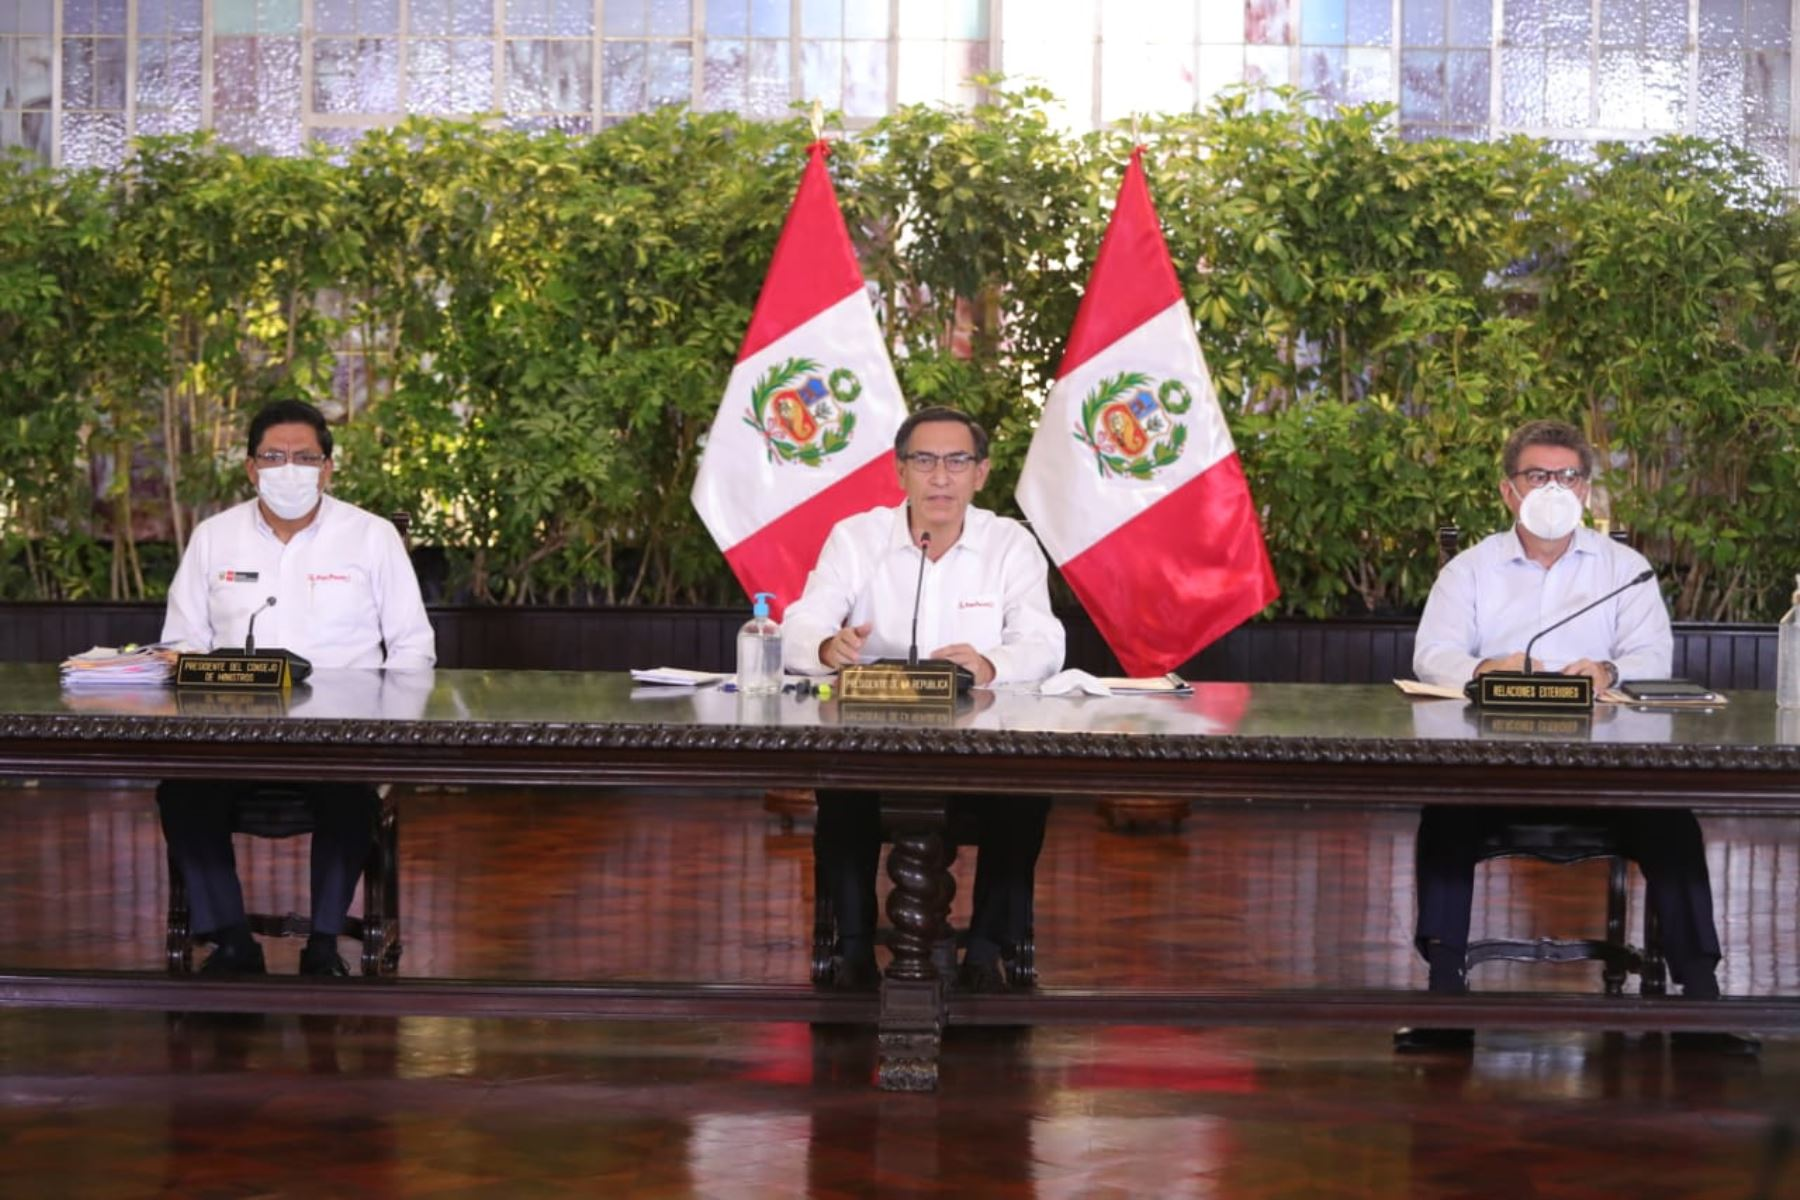 El presidente Martín Vizcarra informa las medidas adoptadas por el Gobierno en el marco del estado de emergencia nacional por el coronavirus (covid-19). Foto: ANDINA/ Prensa Presidencia